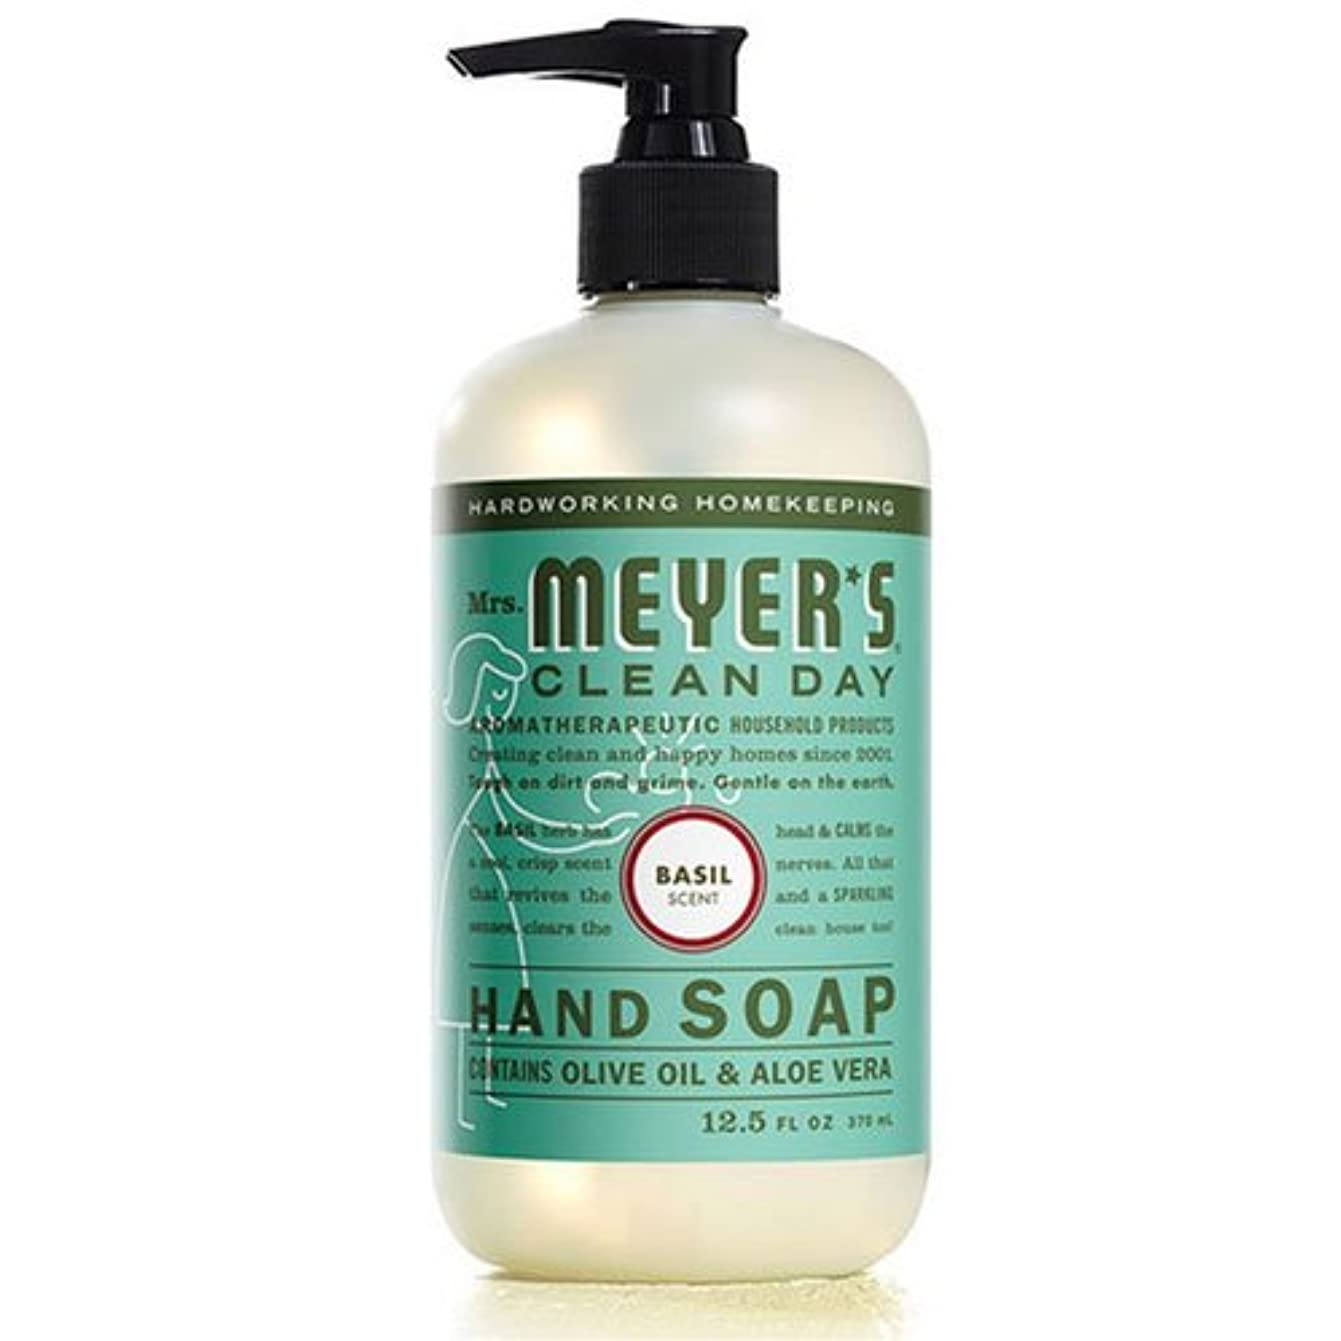 トランクライブラリ月面汚染されたMrs. Meyers's Hand Soap, Liq, Basil, 12.5 FZ by Mrs. Meyers